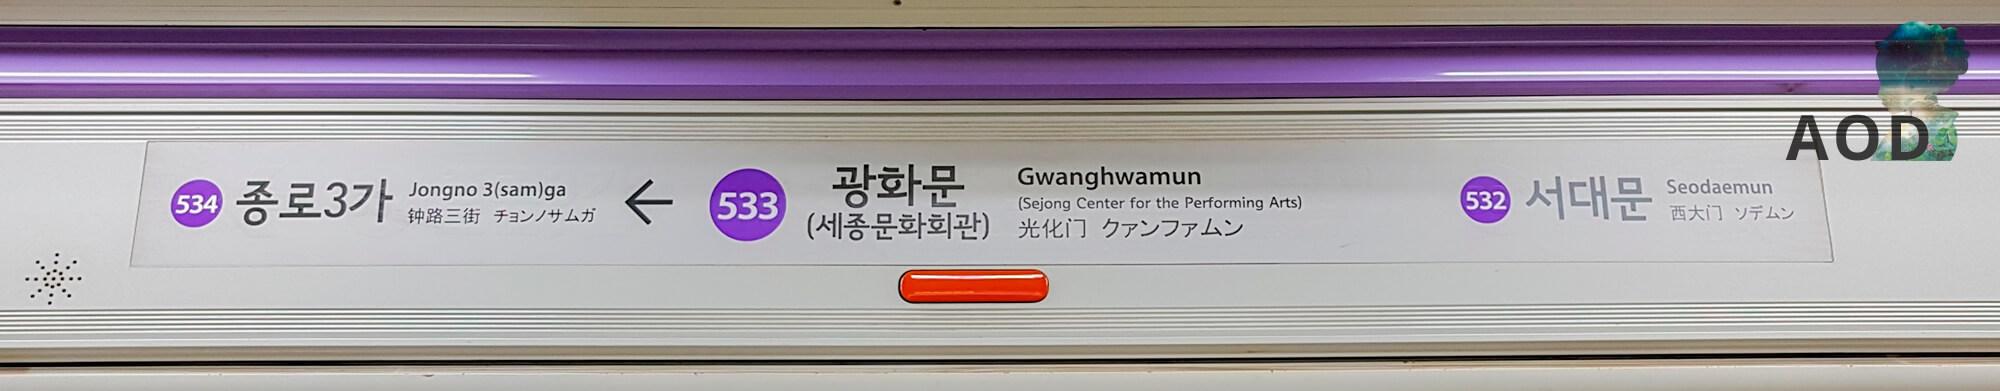 U-Bahn-Station: Stationsinformationen auf koreanisch und englisch. Farblich unterlegt.